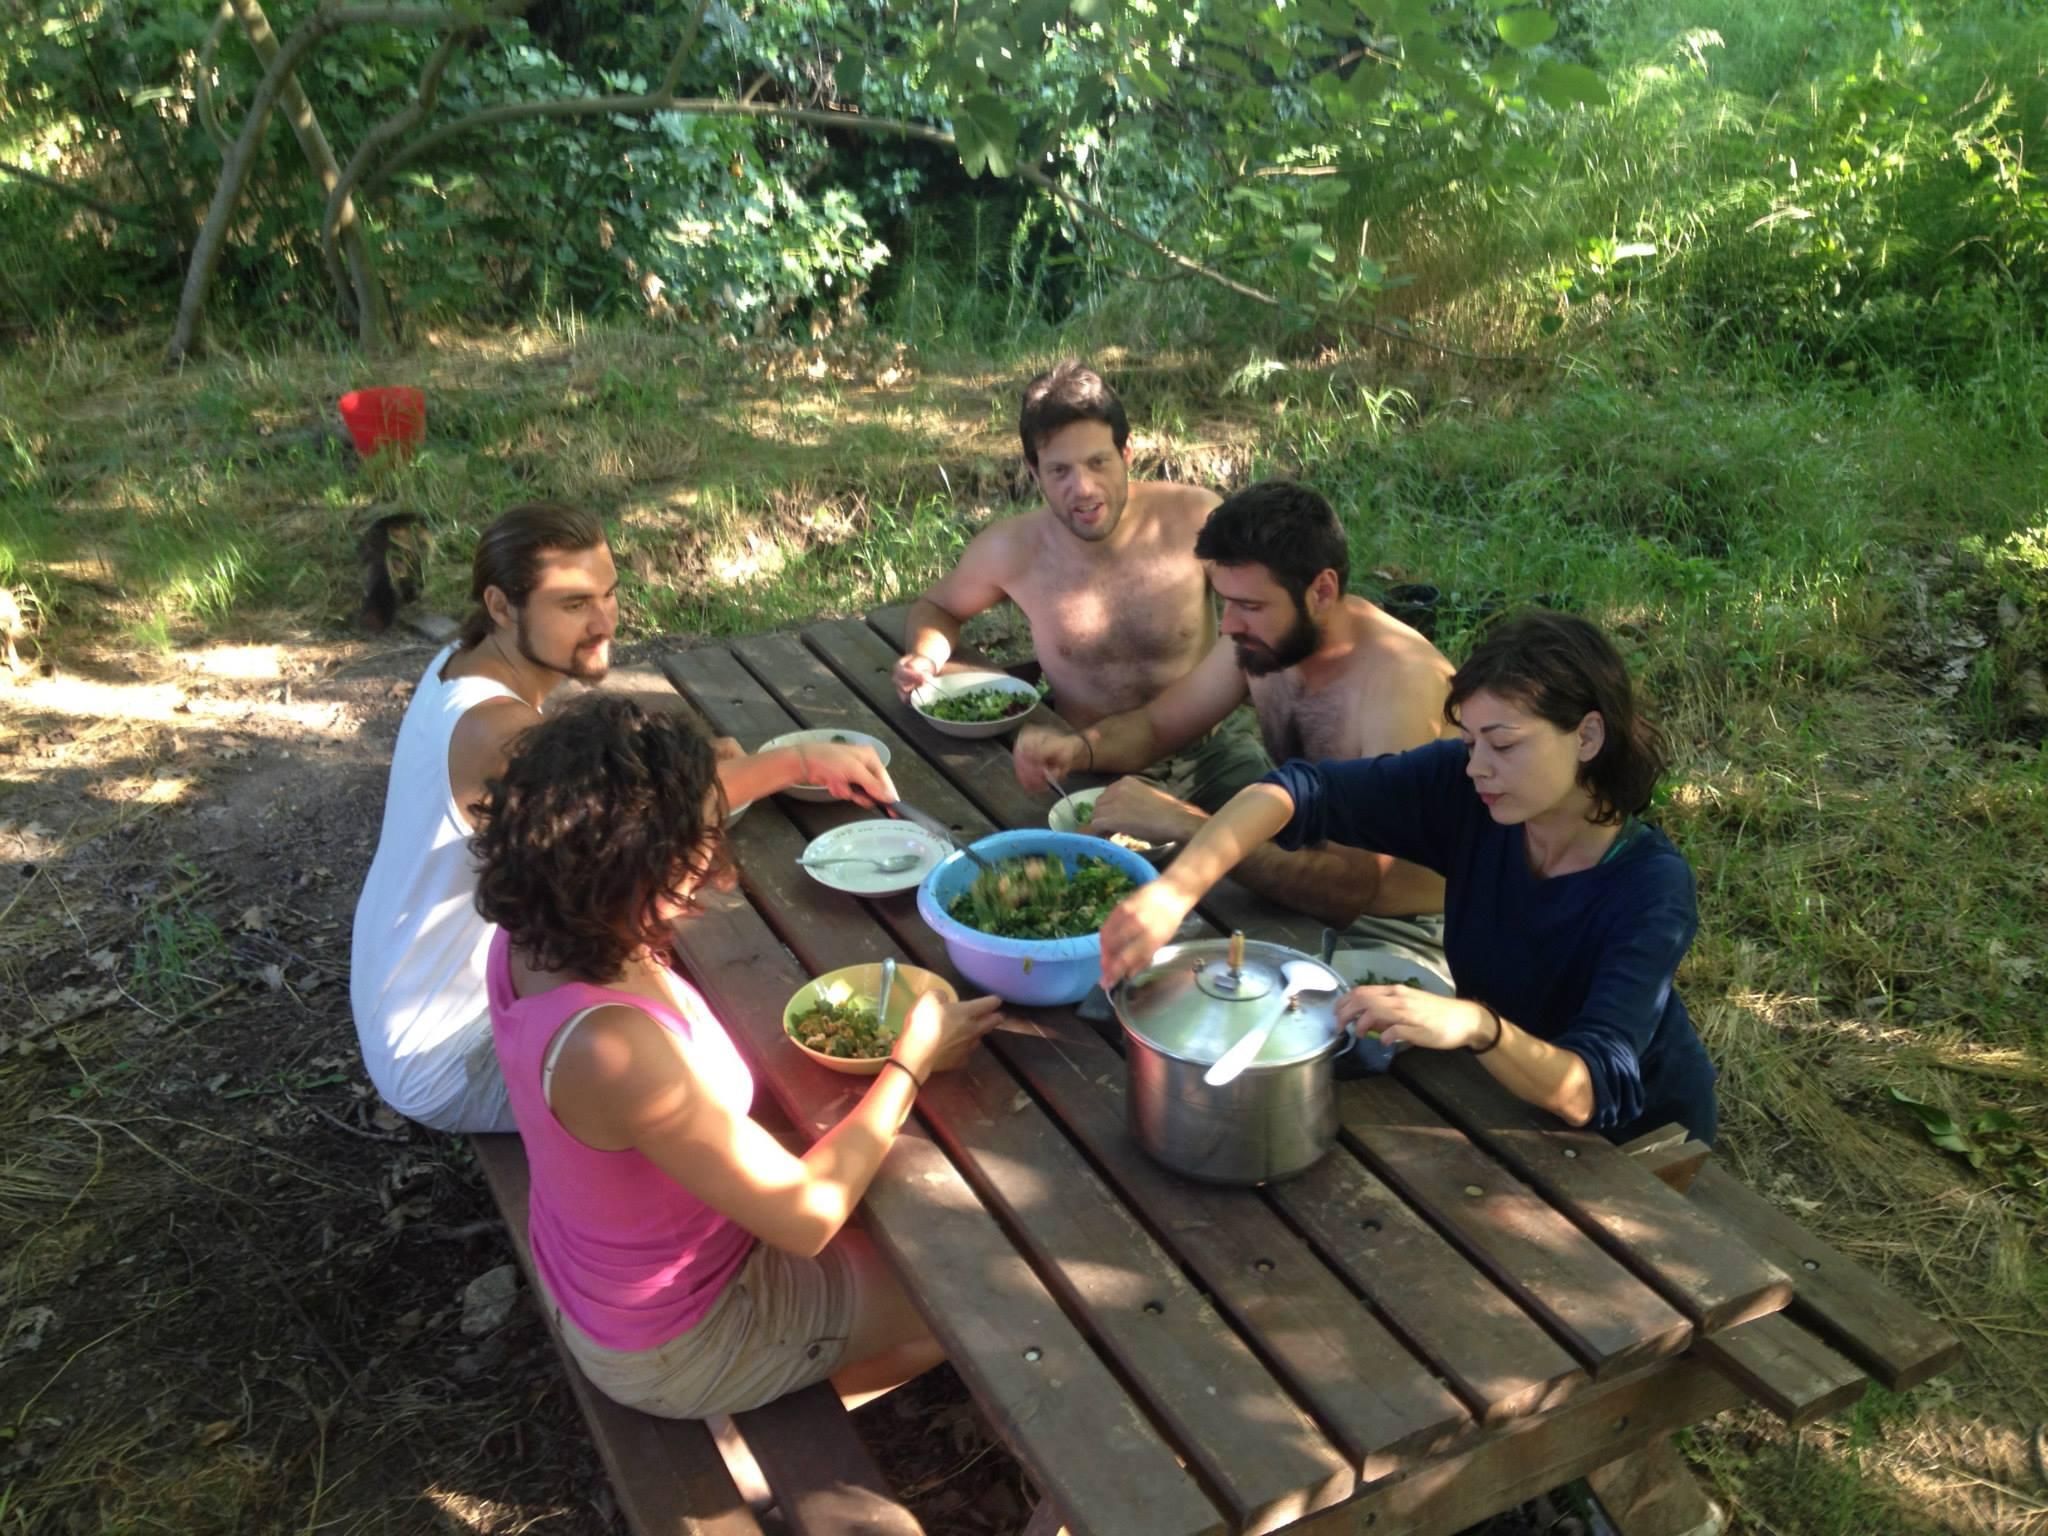 resposta-crise-jovens-fundam-comunidade-sustentavel-grecia1